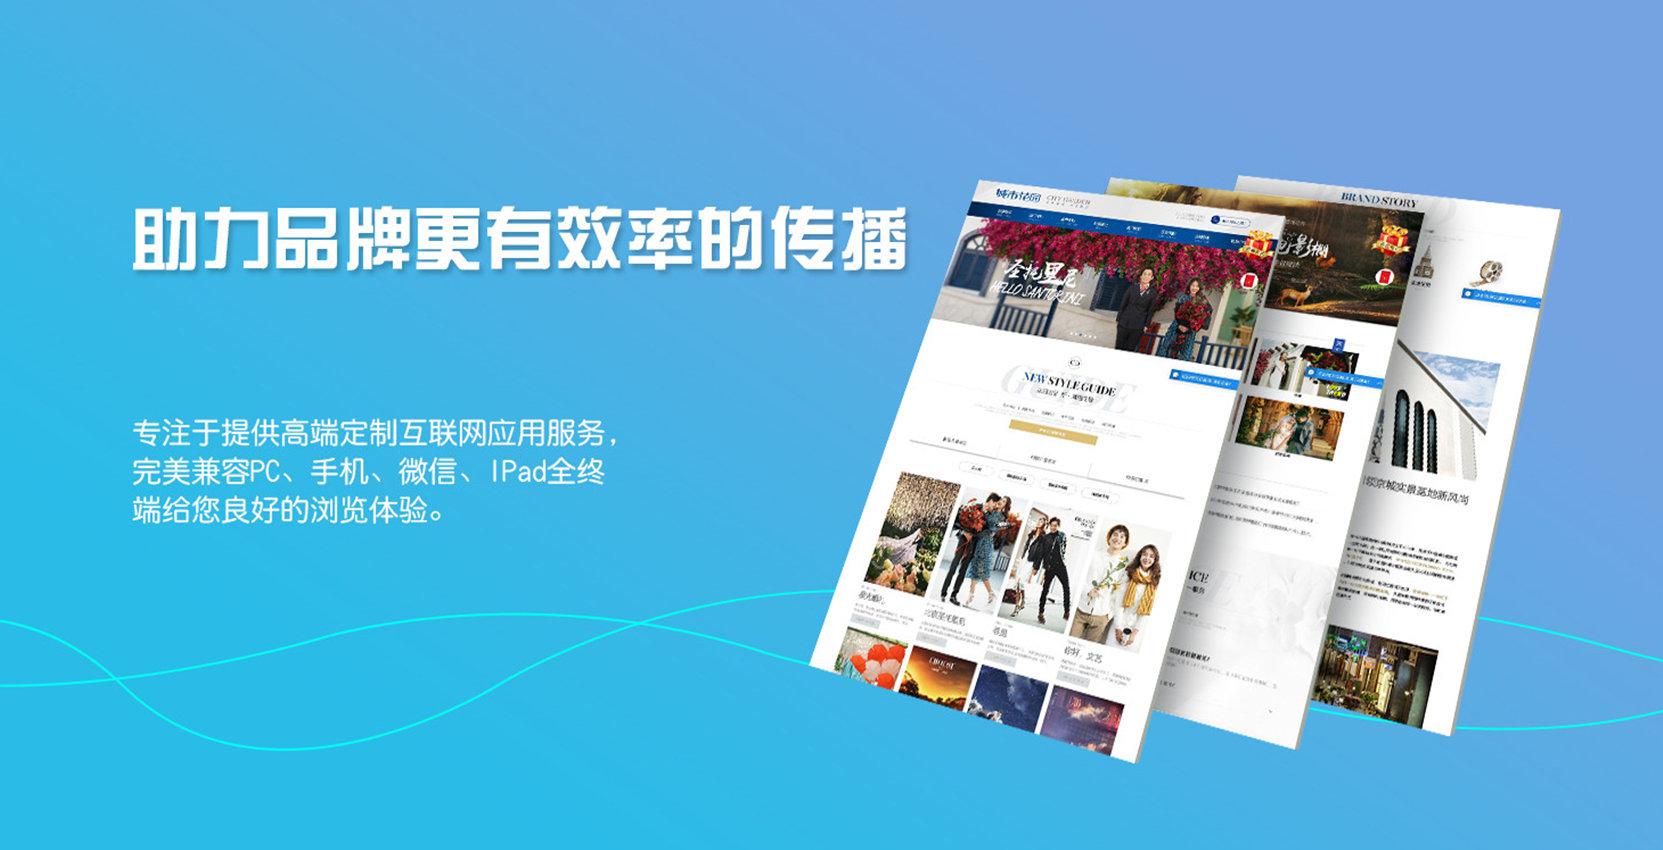 企业官网和个人网站建设,站制作为您提供网站制作方案